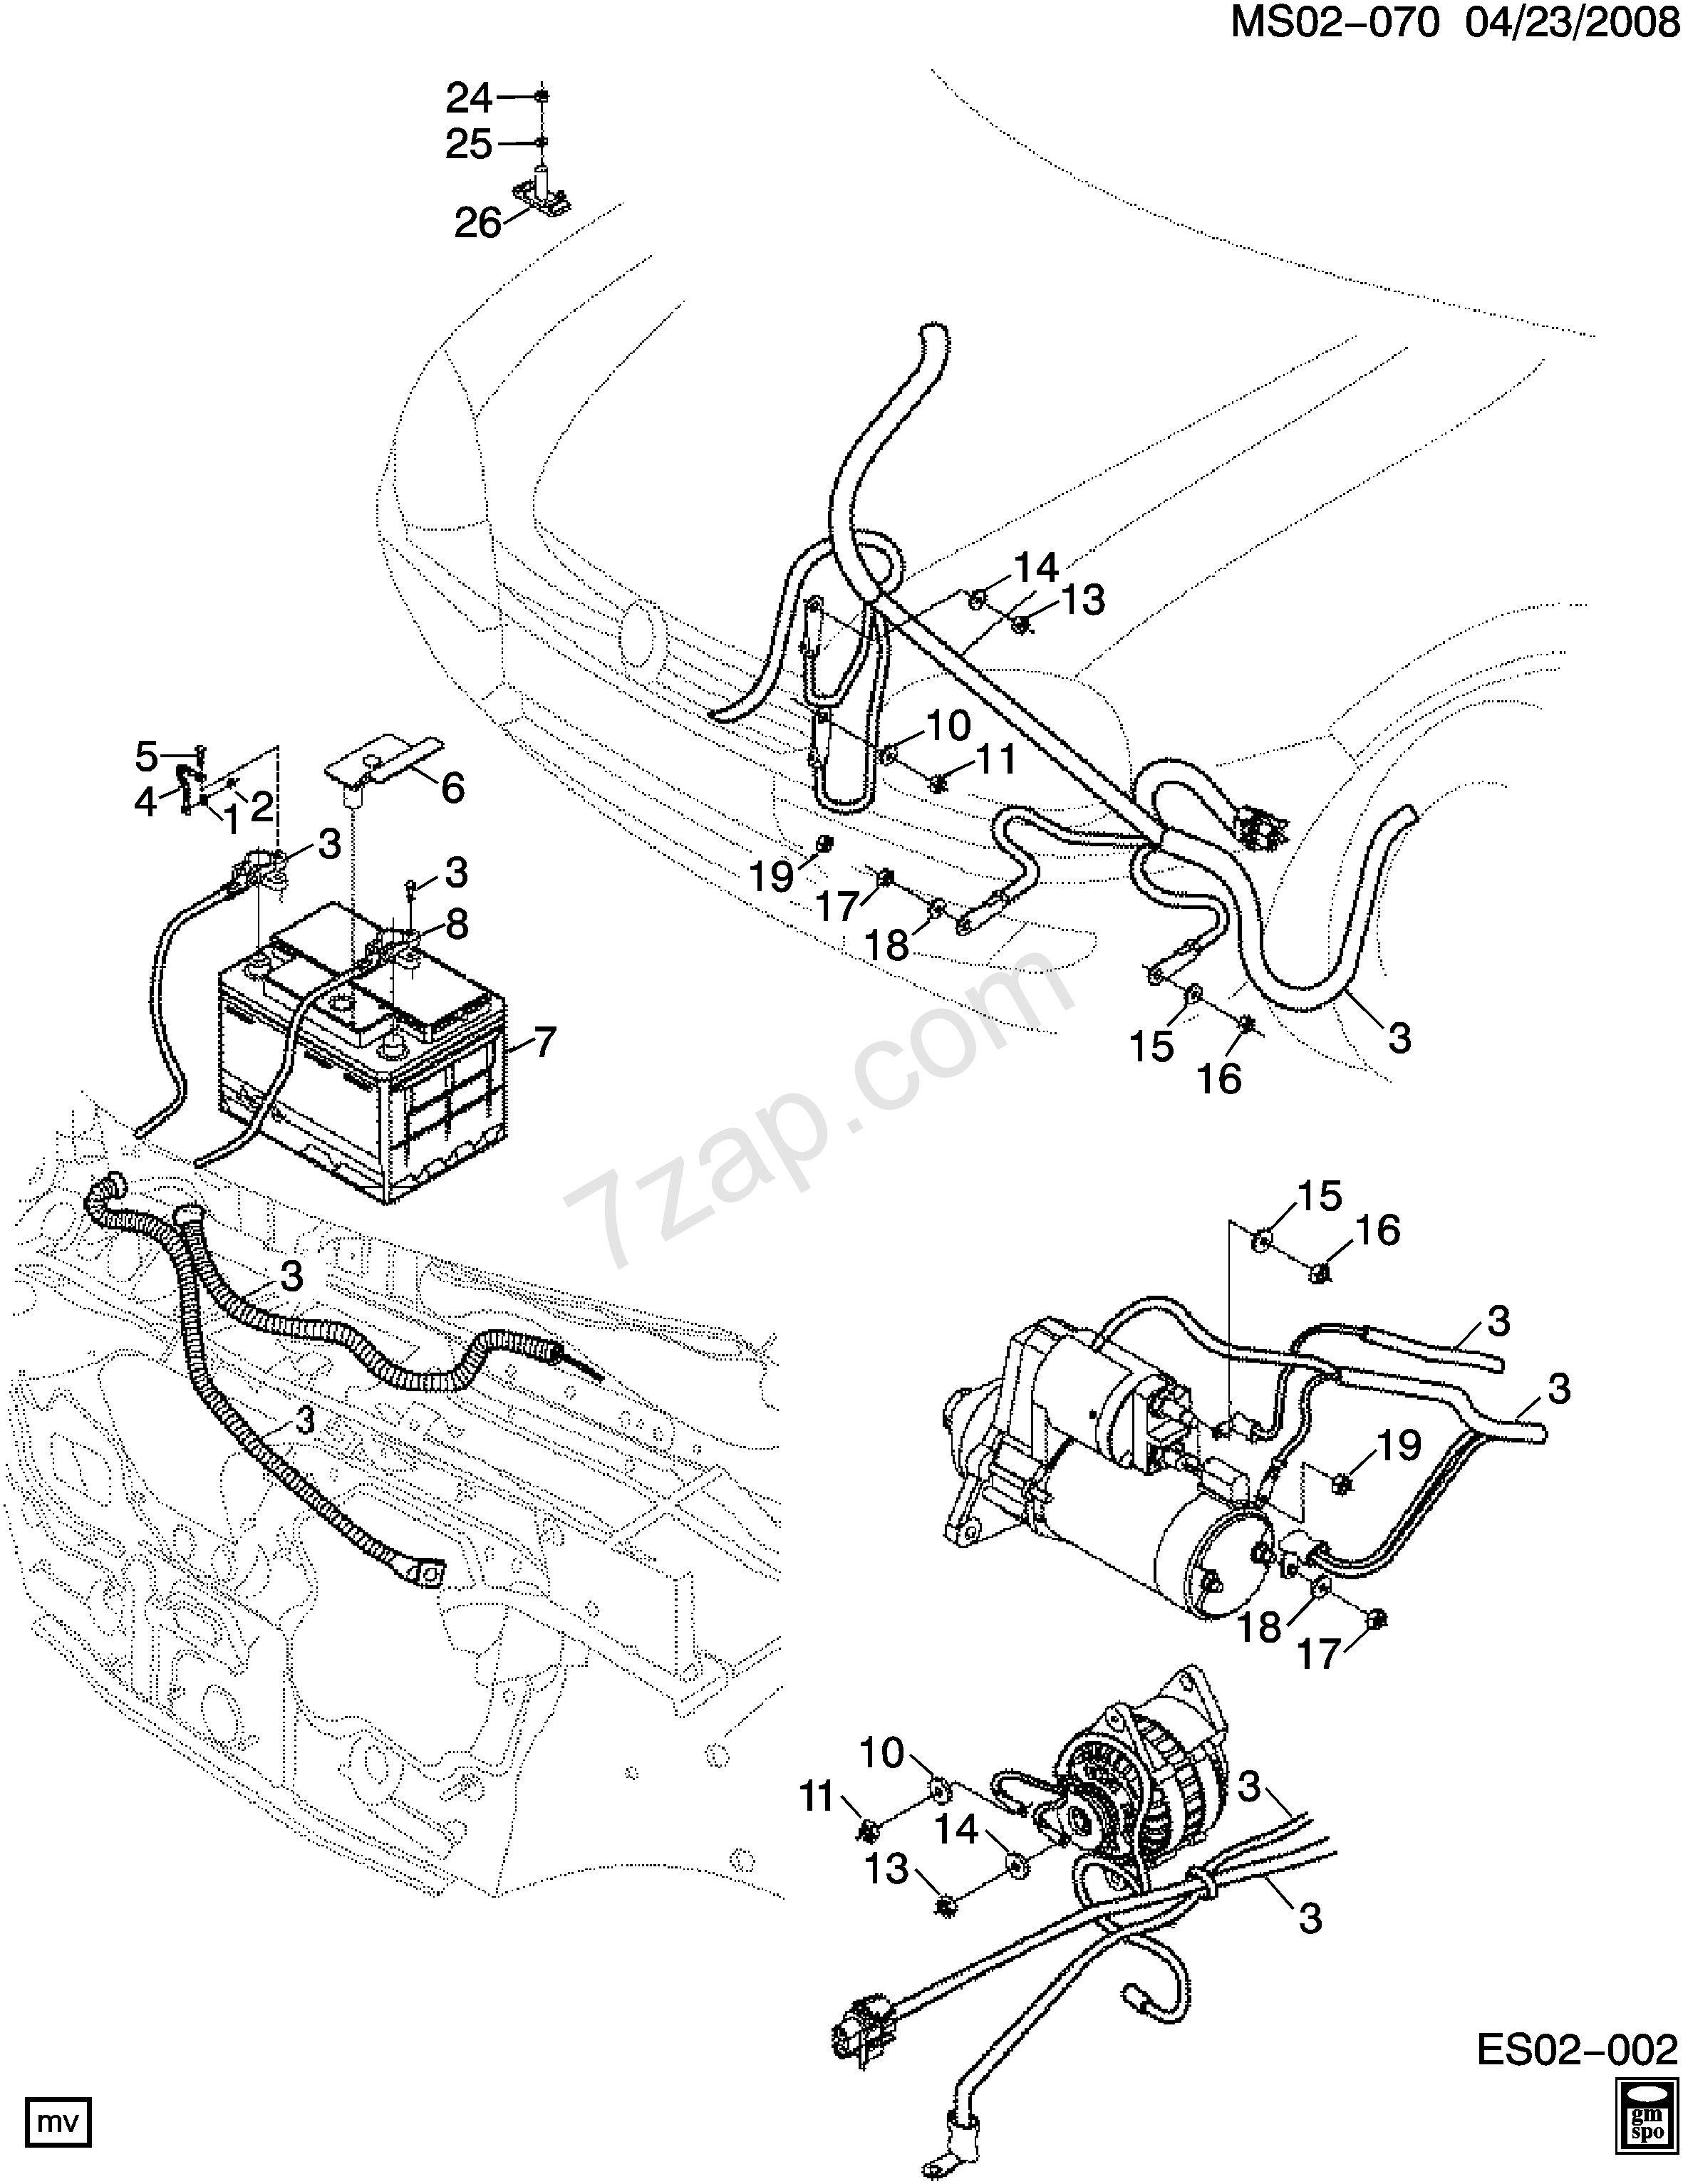 [DIAGRAM] 1998 Chevy Silverado Parts Diagram